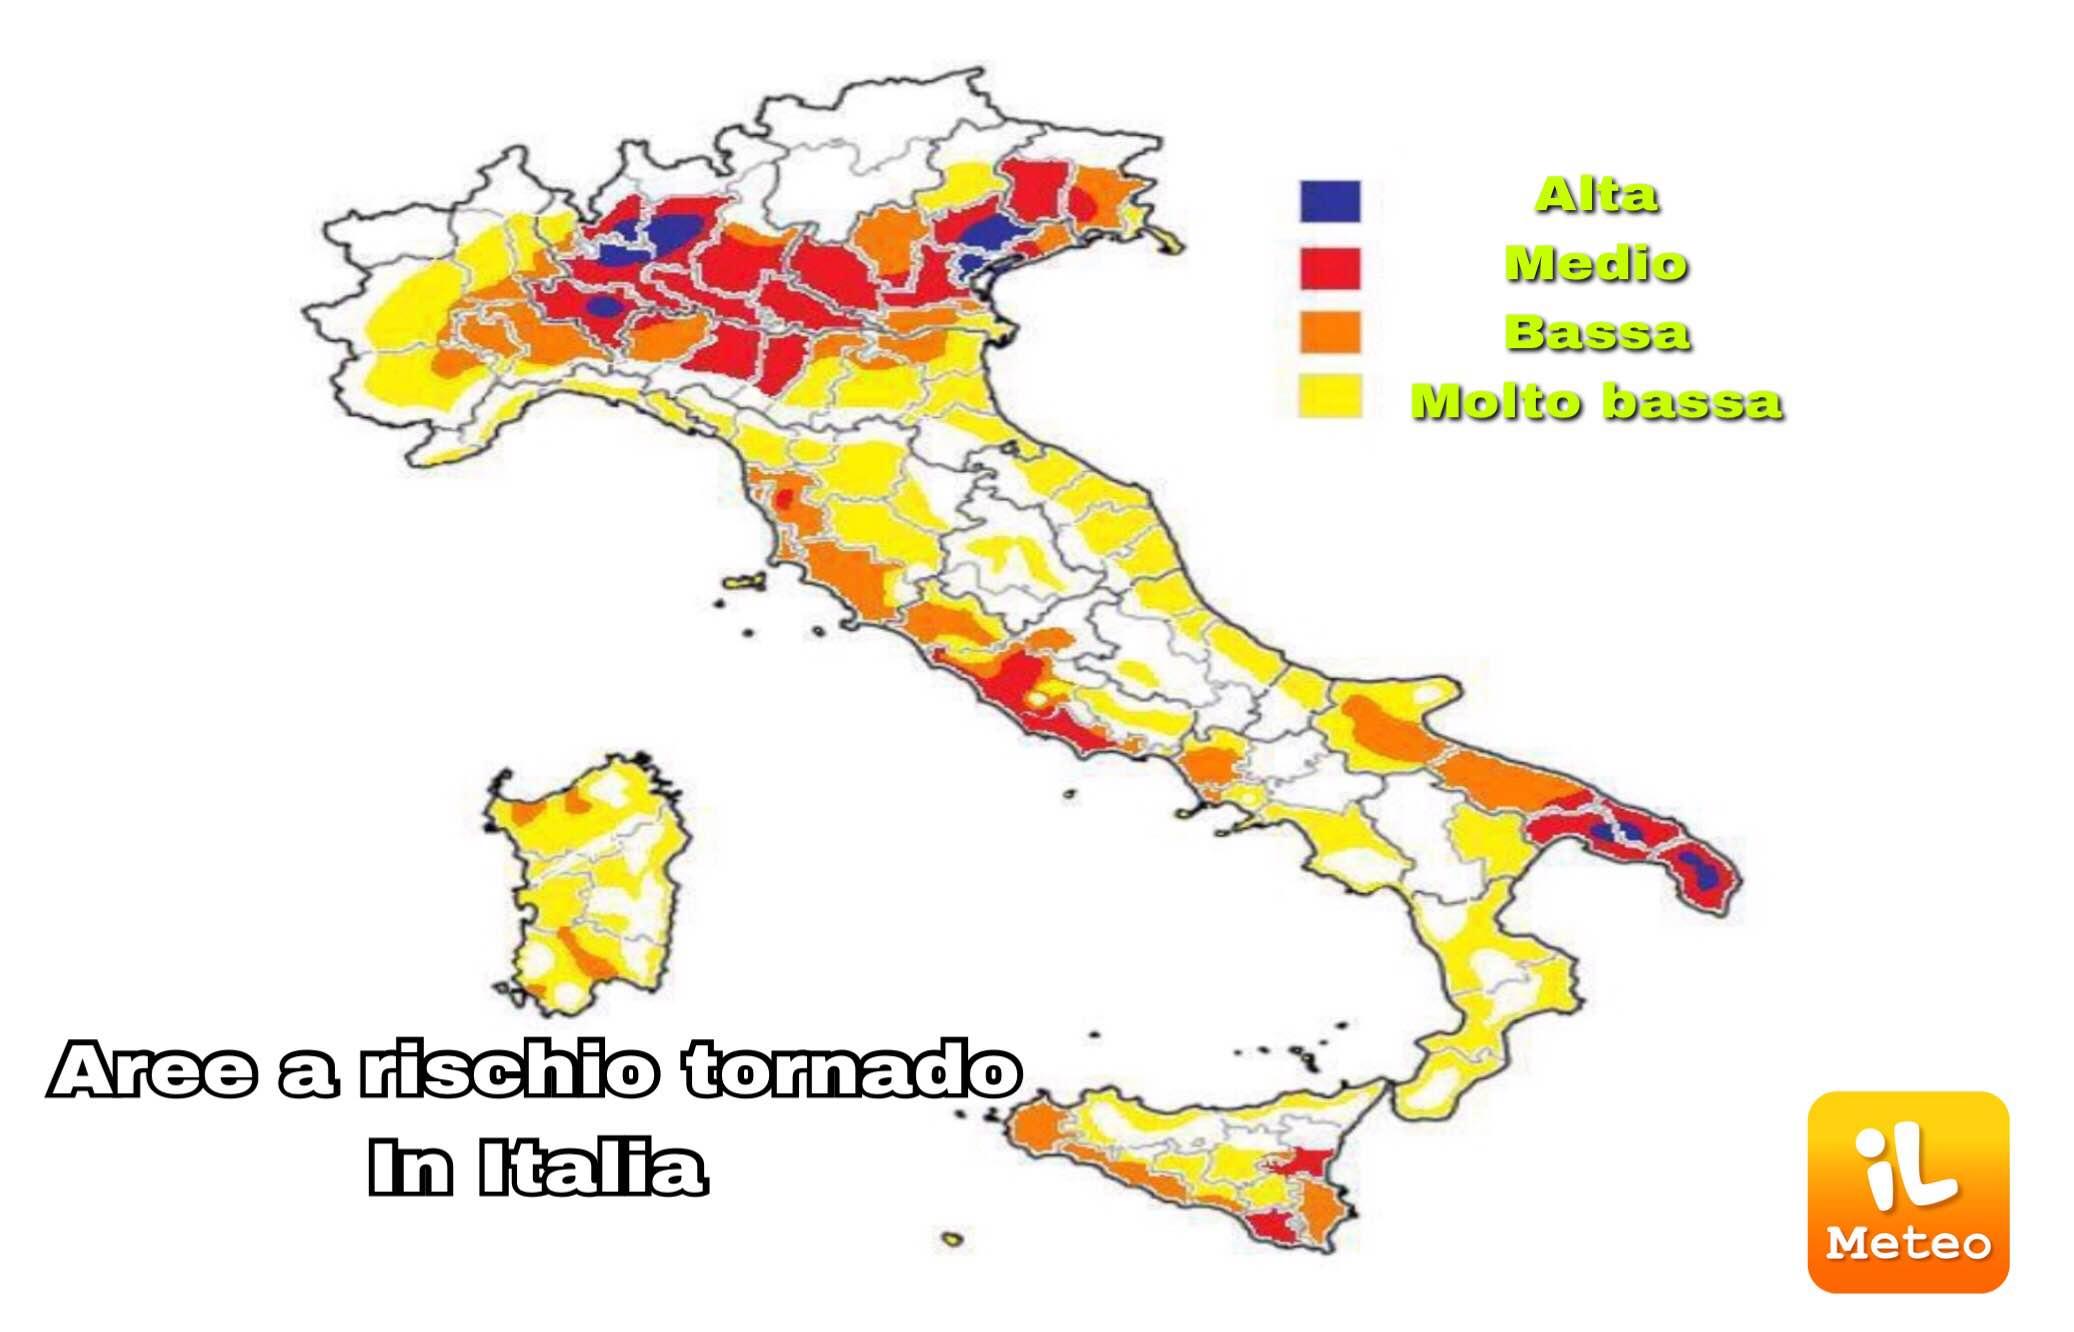 Meteo Italia Cartina.Tornado In Italia La Mappa Delle Zone A Rischio Foto